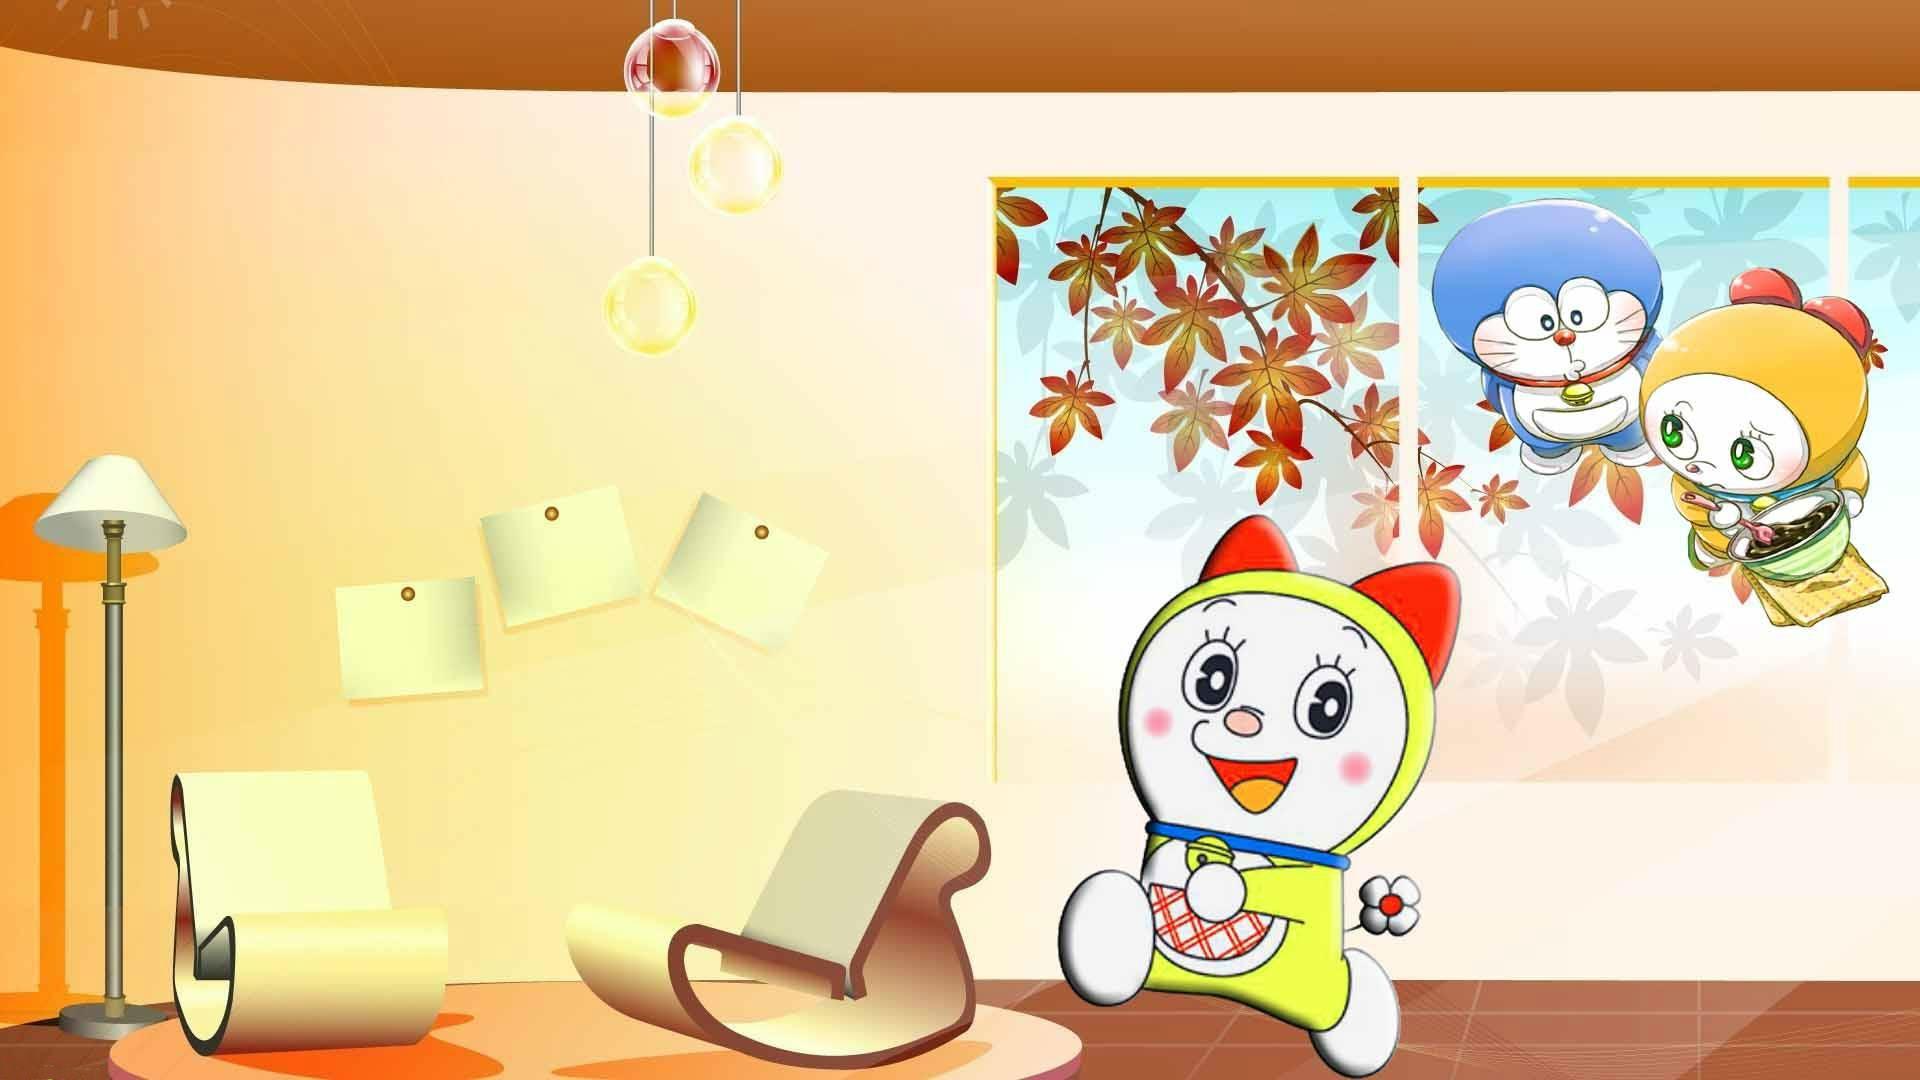 Doraemon wallpaper 10